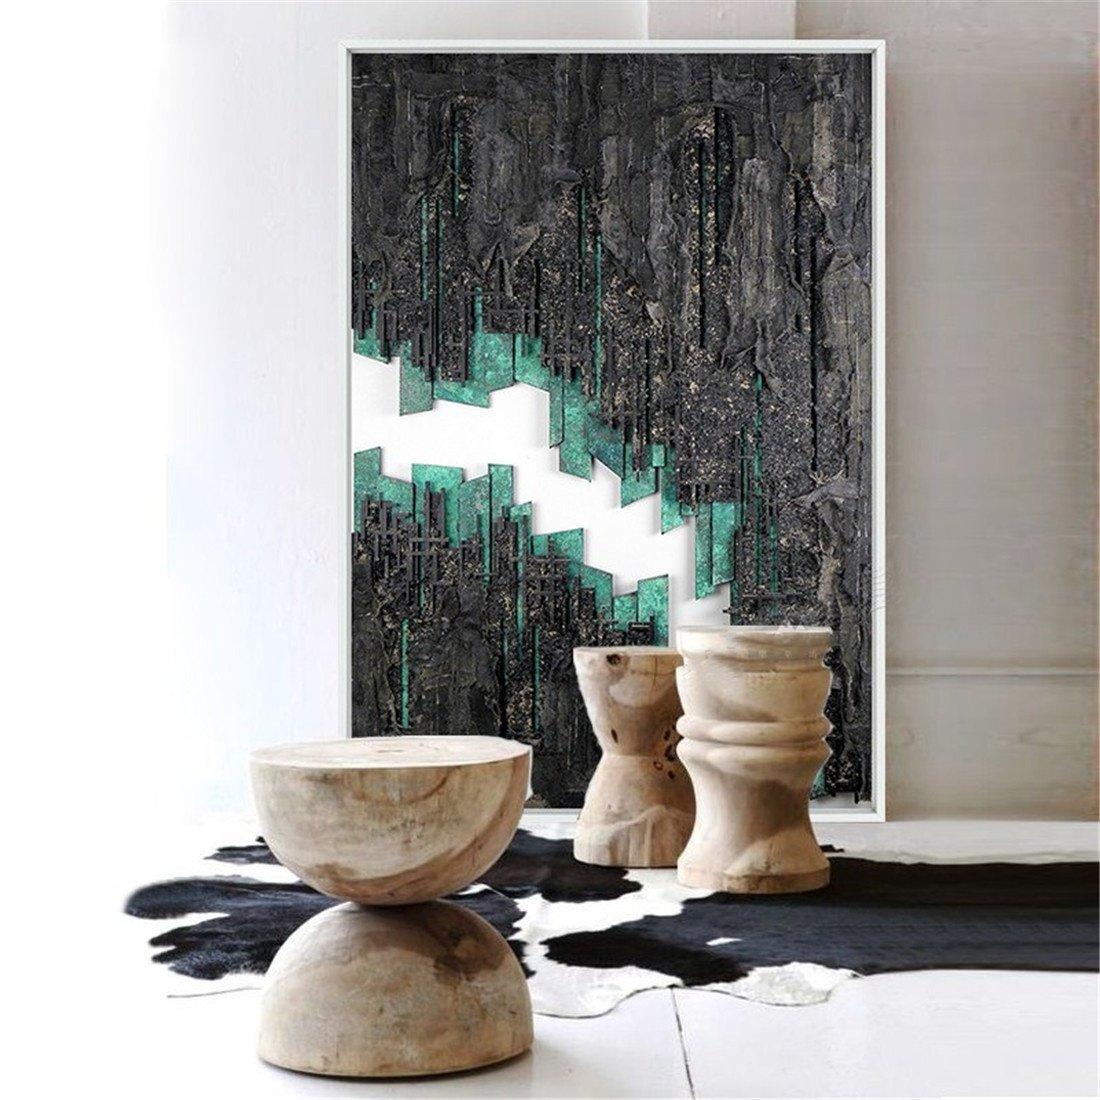 ¡no ser extrañado! YIZHANGEstilo Industrial Retro de Pintura Abstracta Abstracta Abstracta del Arte Que Pinta el Mural Creativo Mural de la Entrada del café (los 40  60cm)  los nuevos estilos calientes